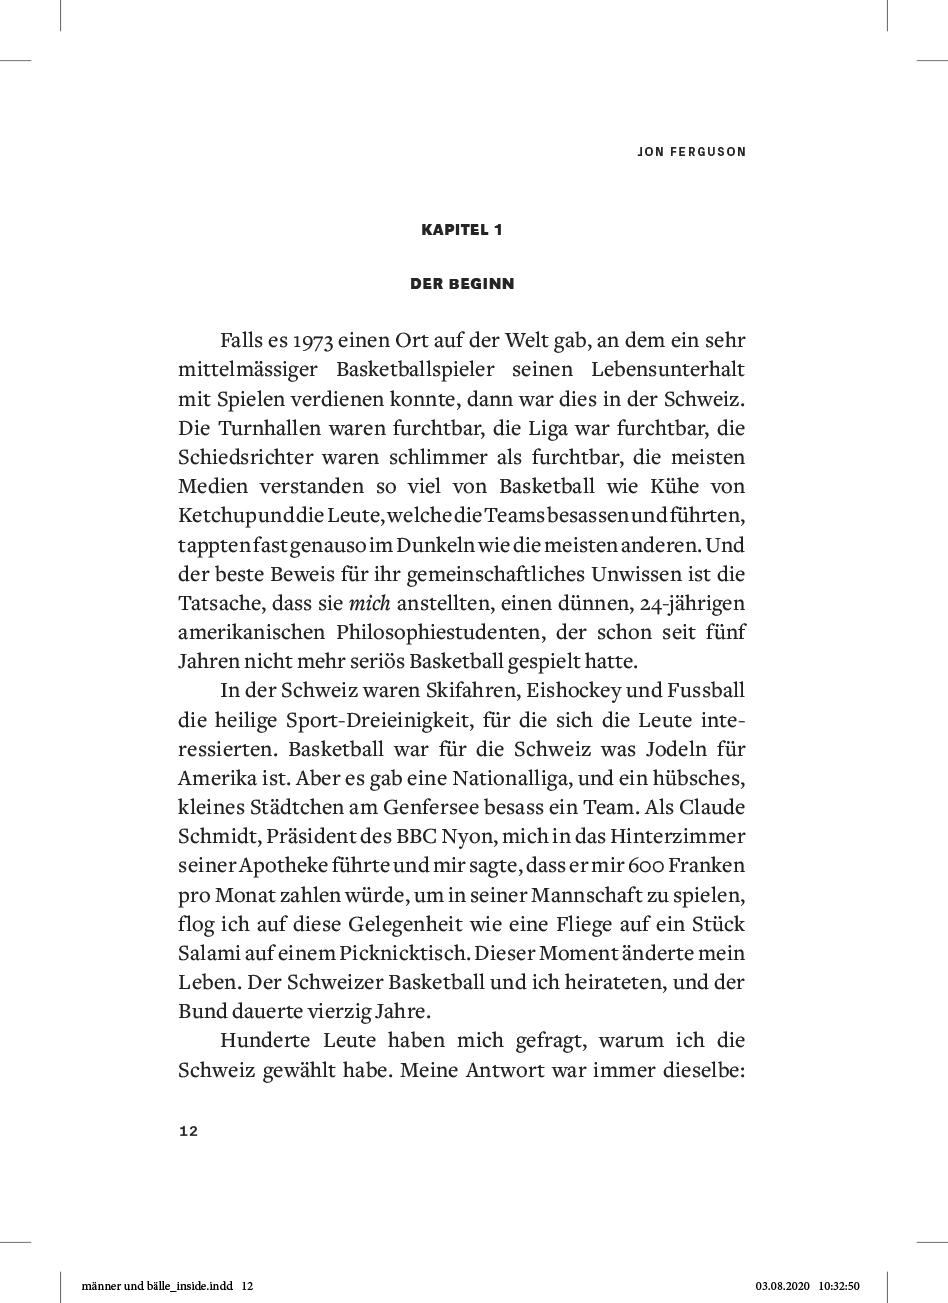 männer und bälle_page 12